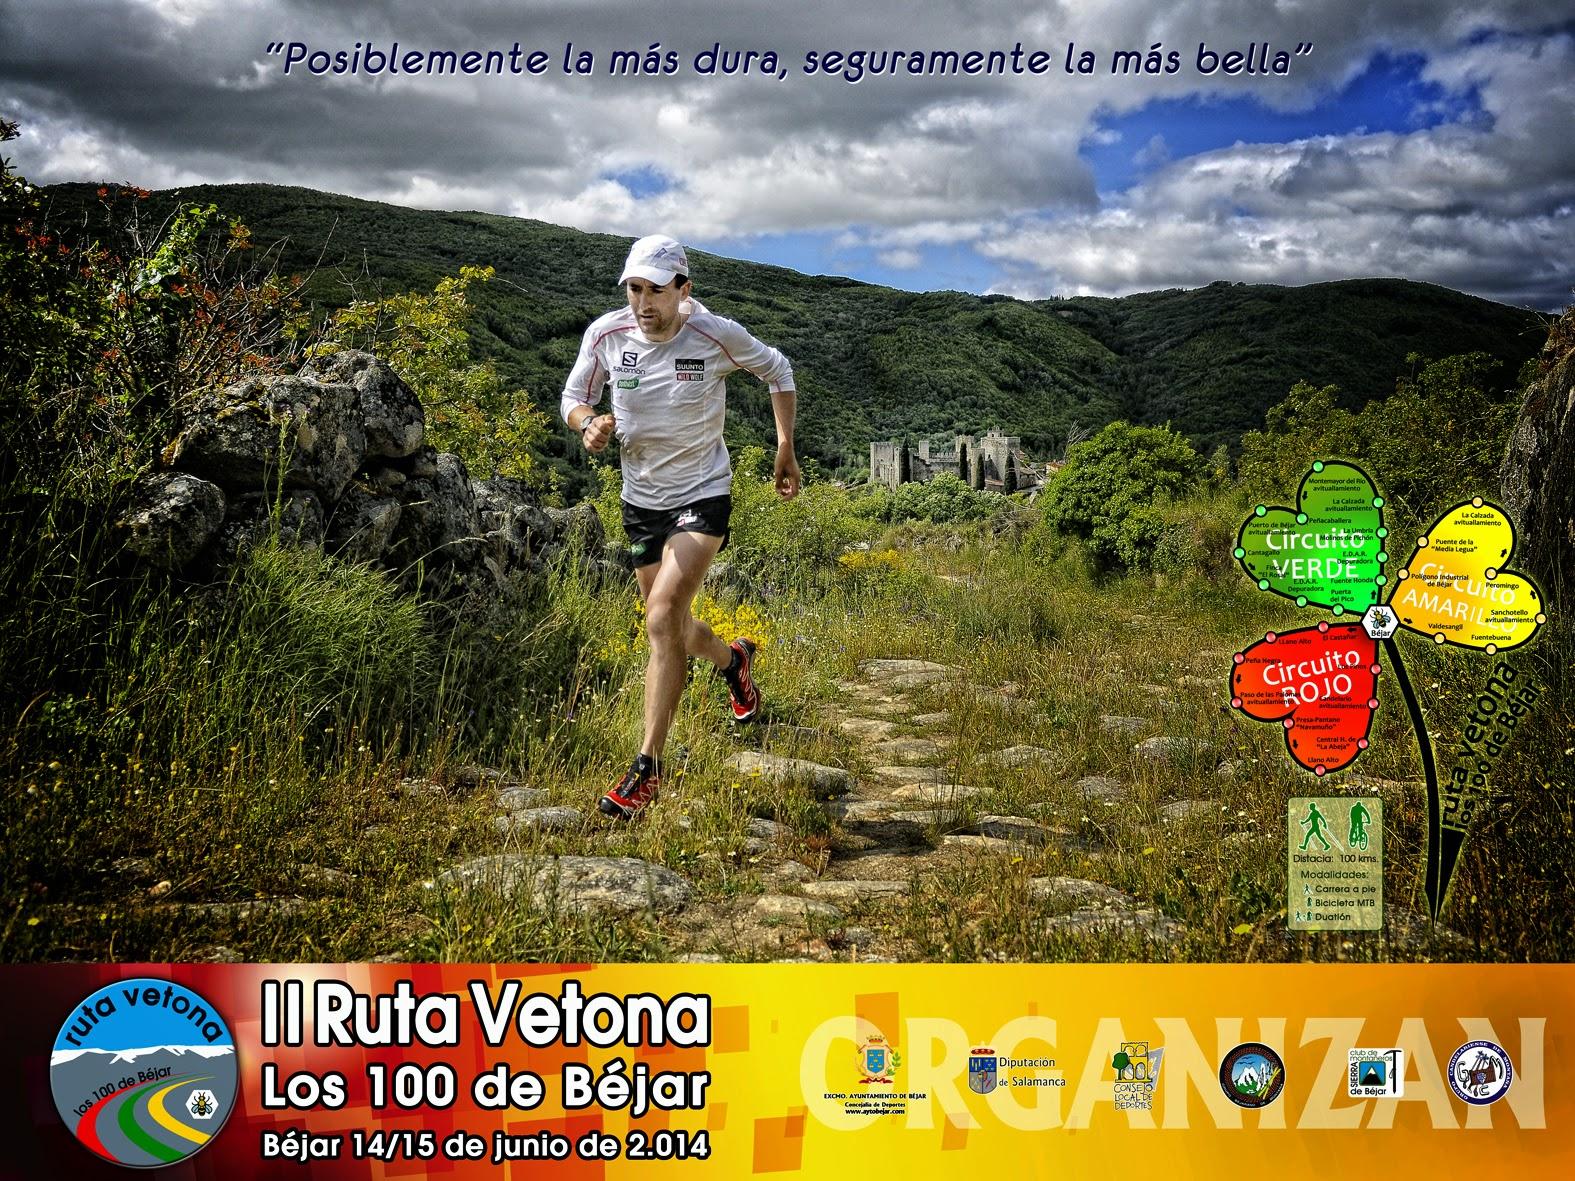 Cartel Anunciador de la II edicion de la ruta vetona con Miguel Heras corriendo